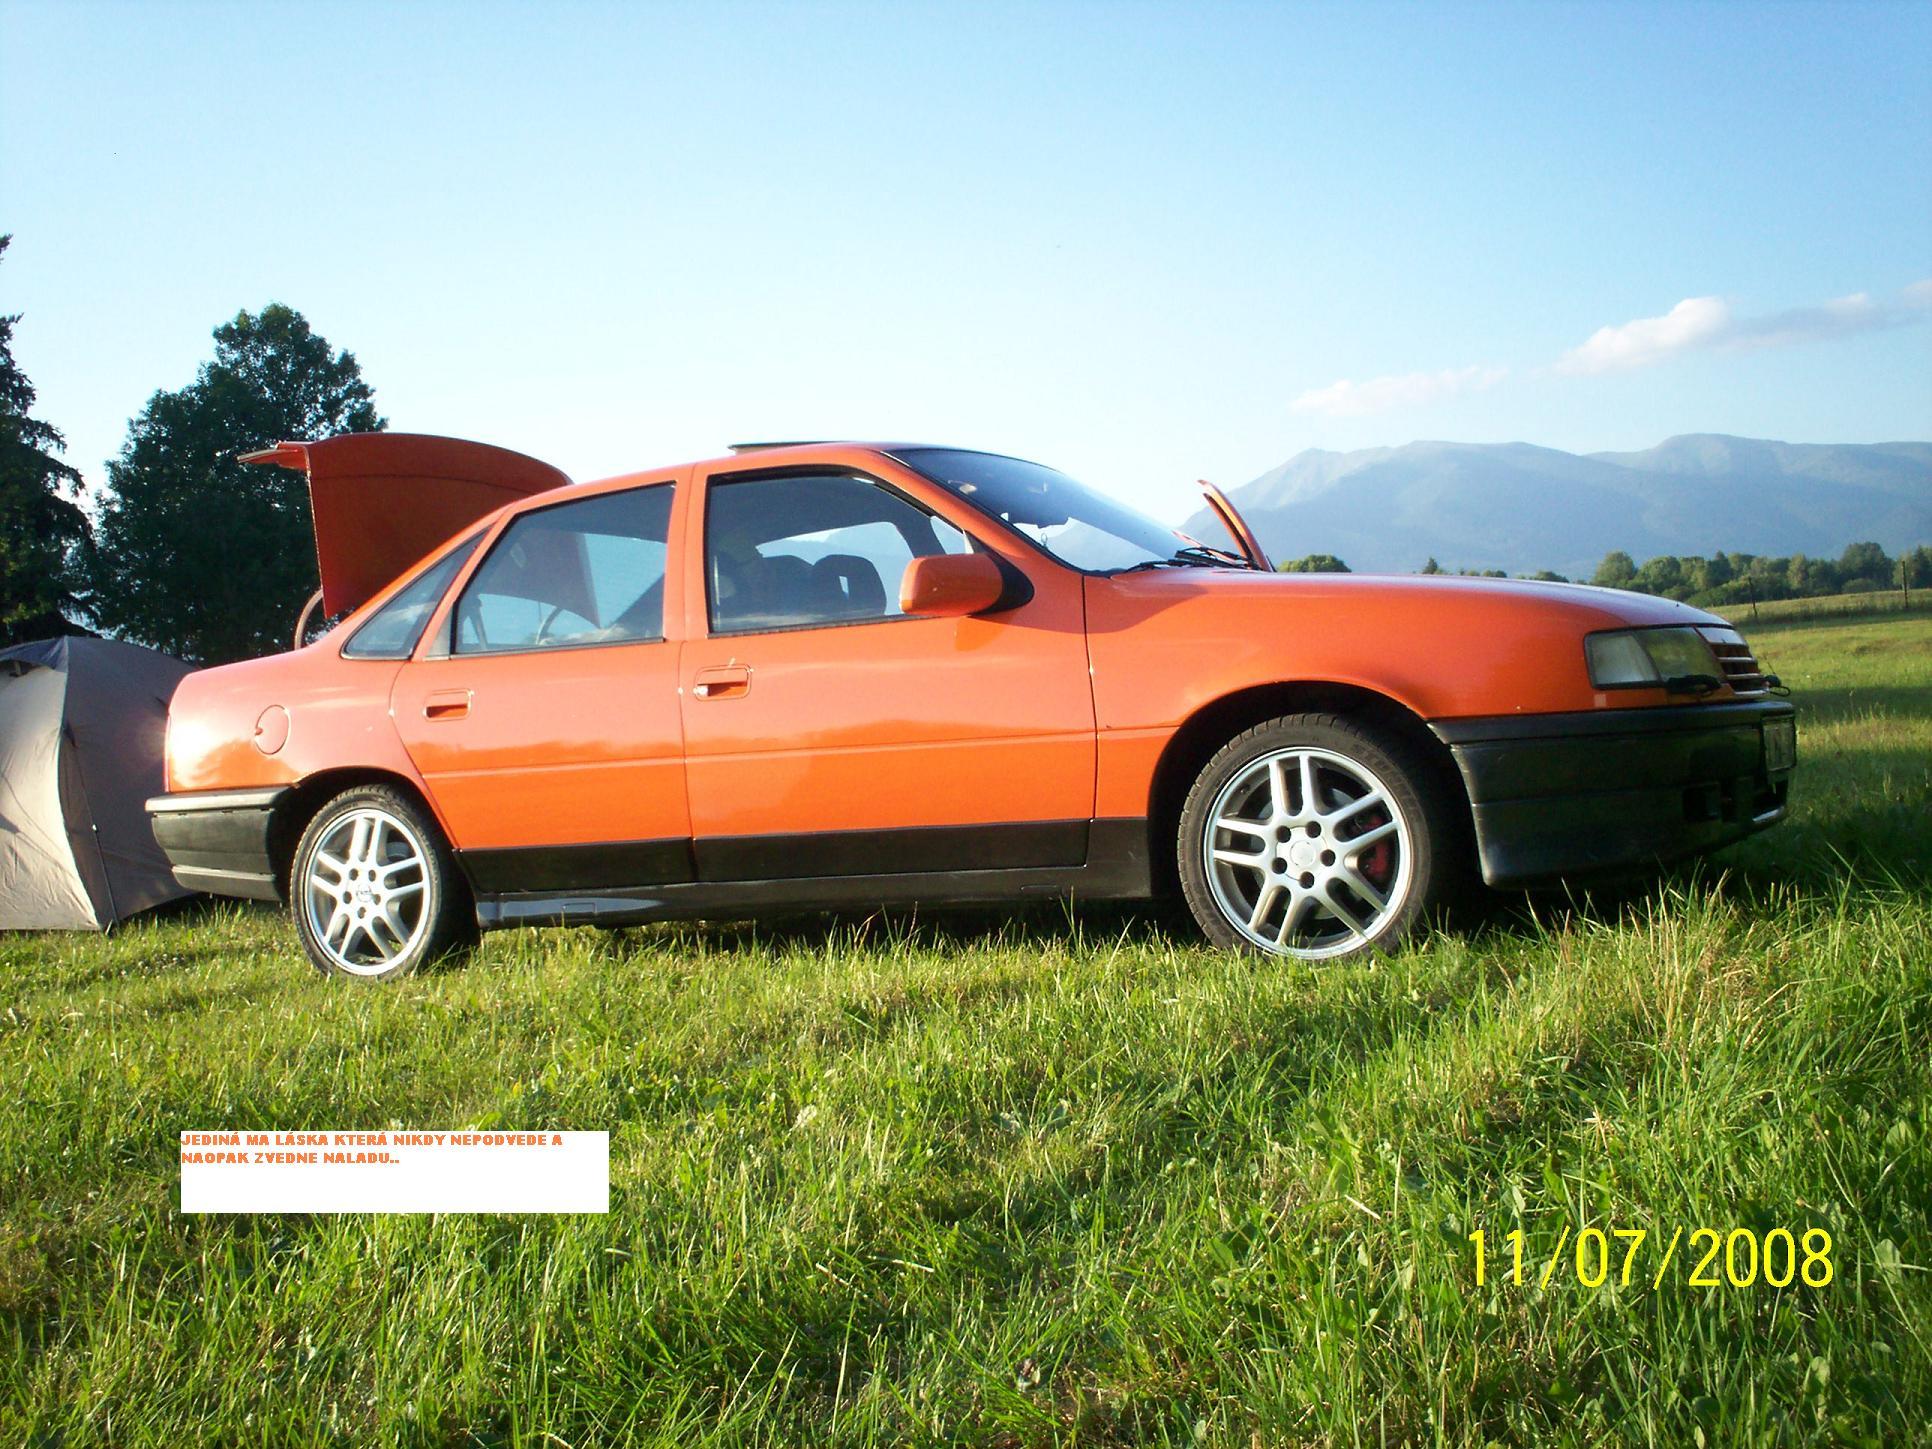 Opel Vectra 2.0 i 4x4